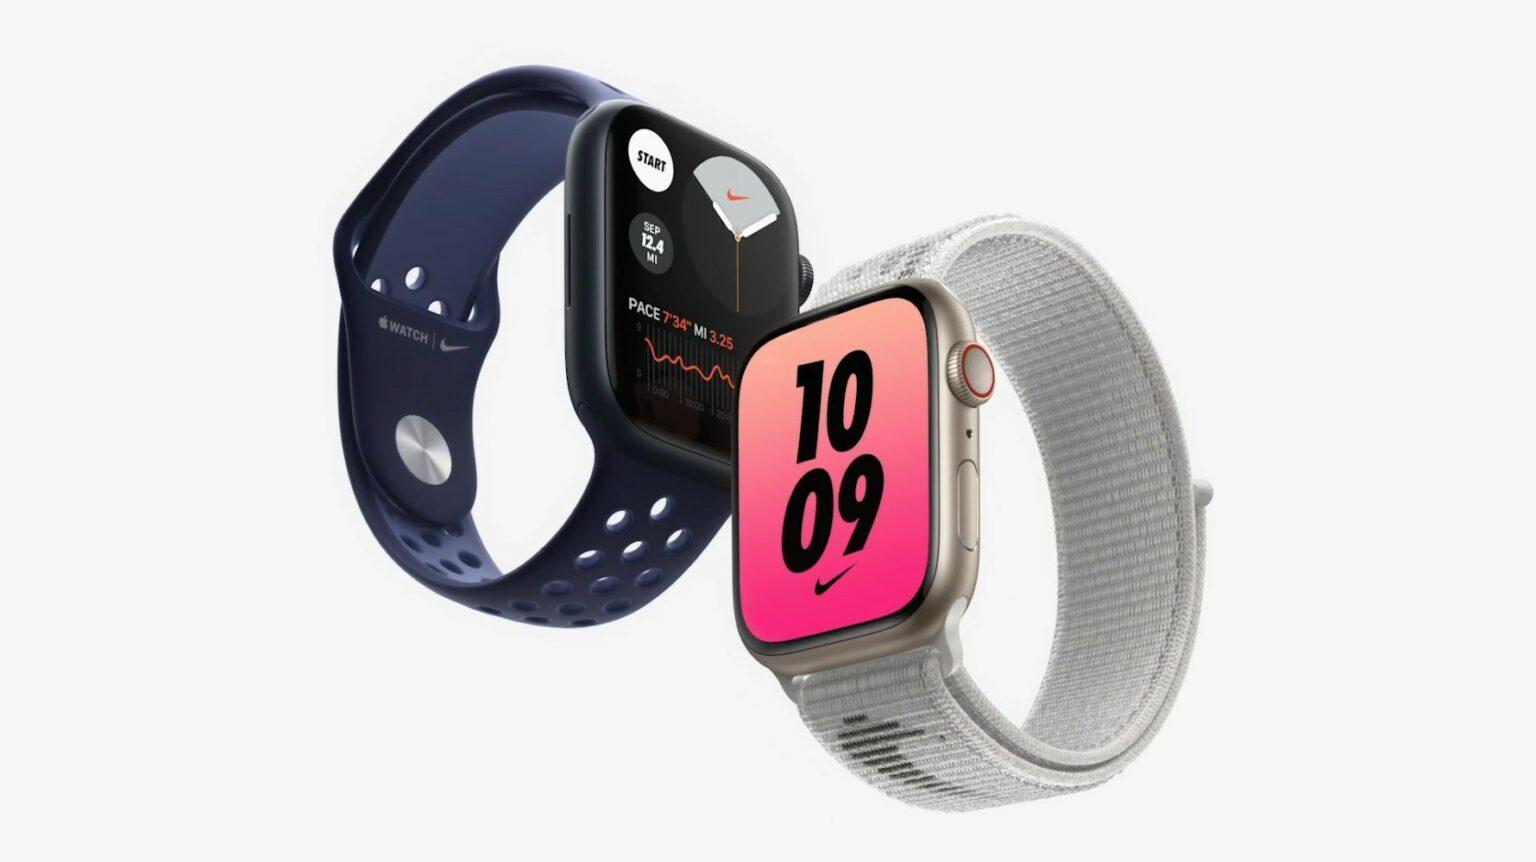 اپل واچ سری ۸ احتمالا در سه اندازه مختلف معرفی میشود